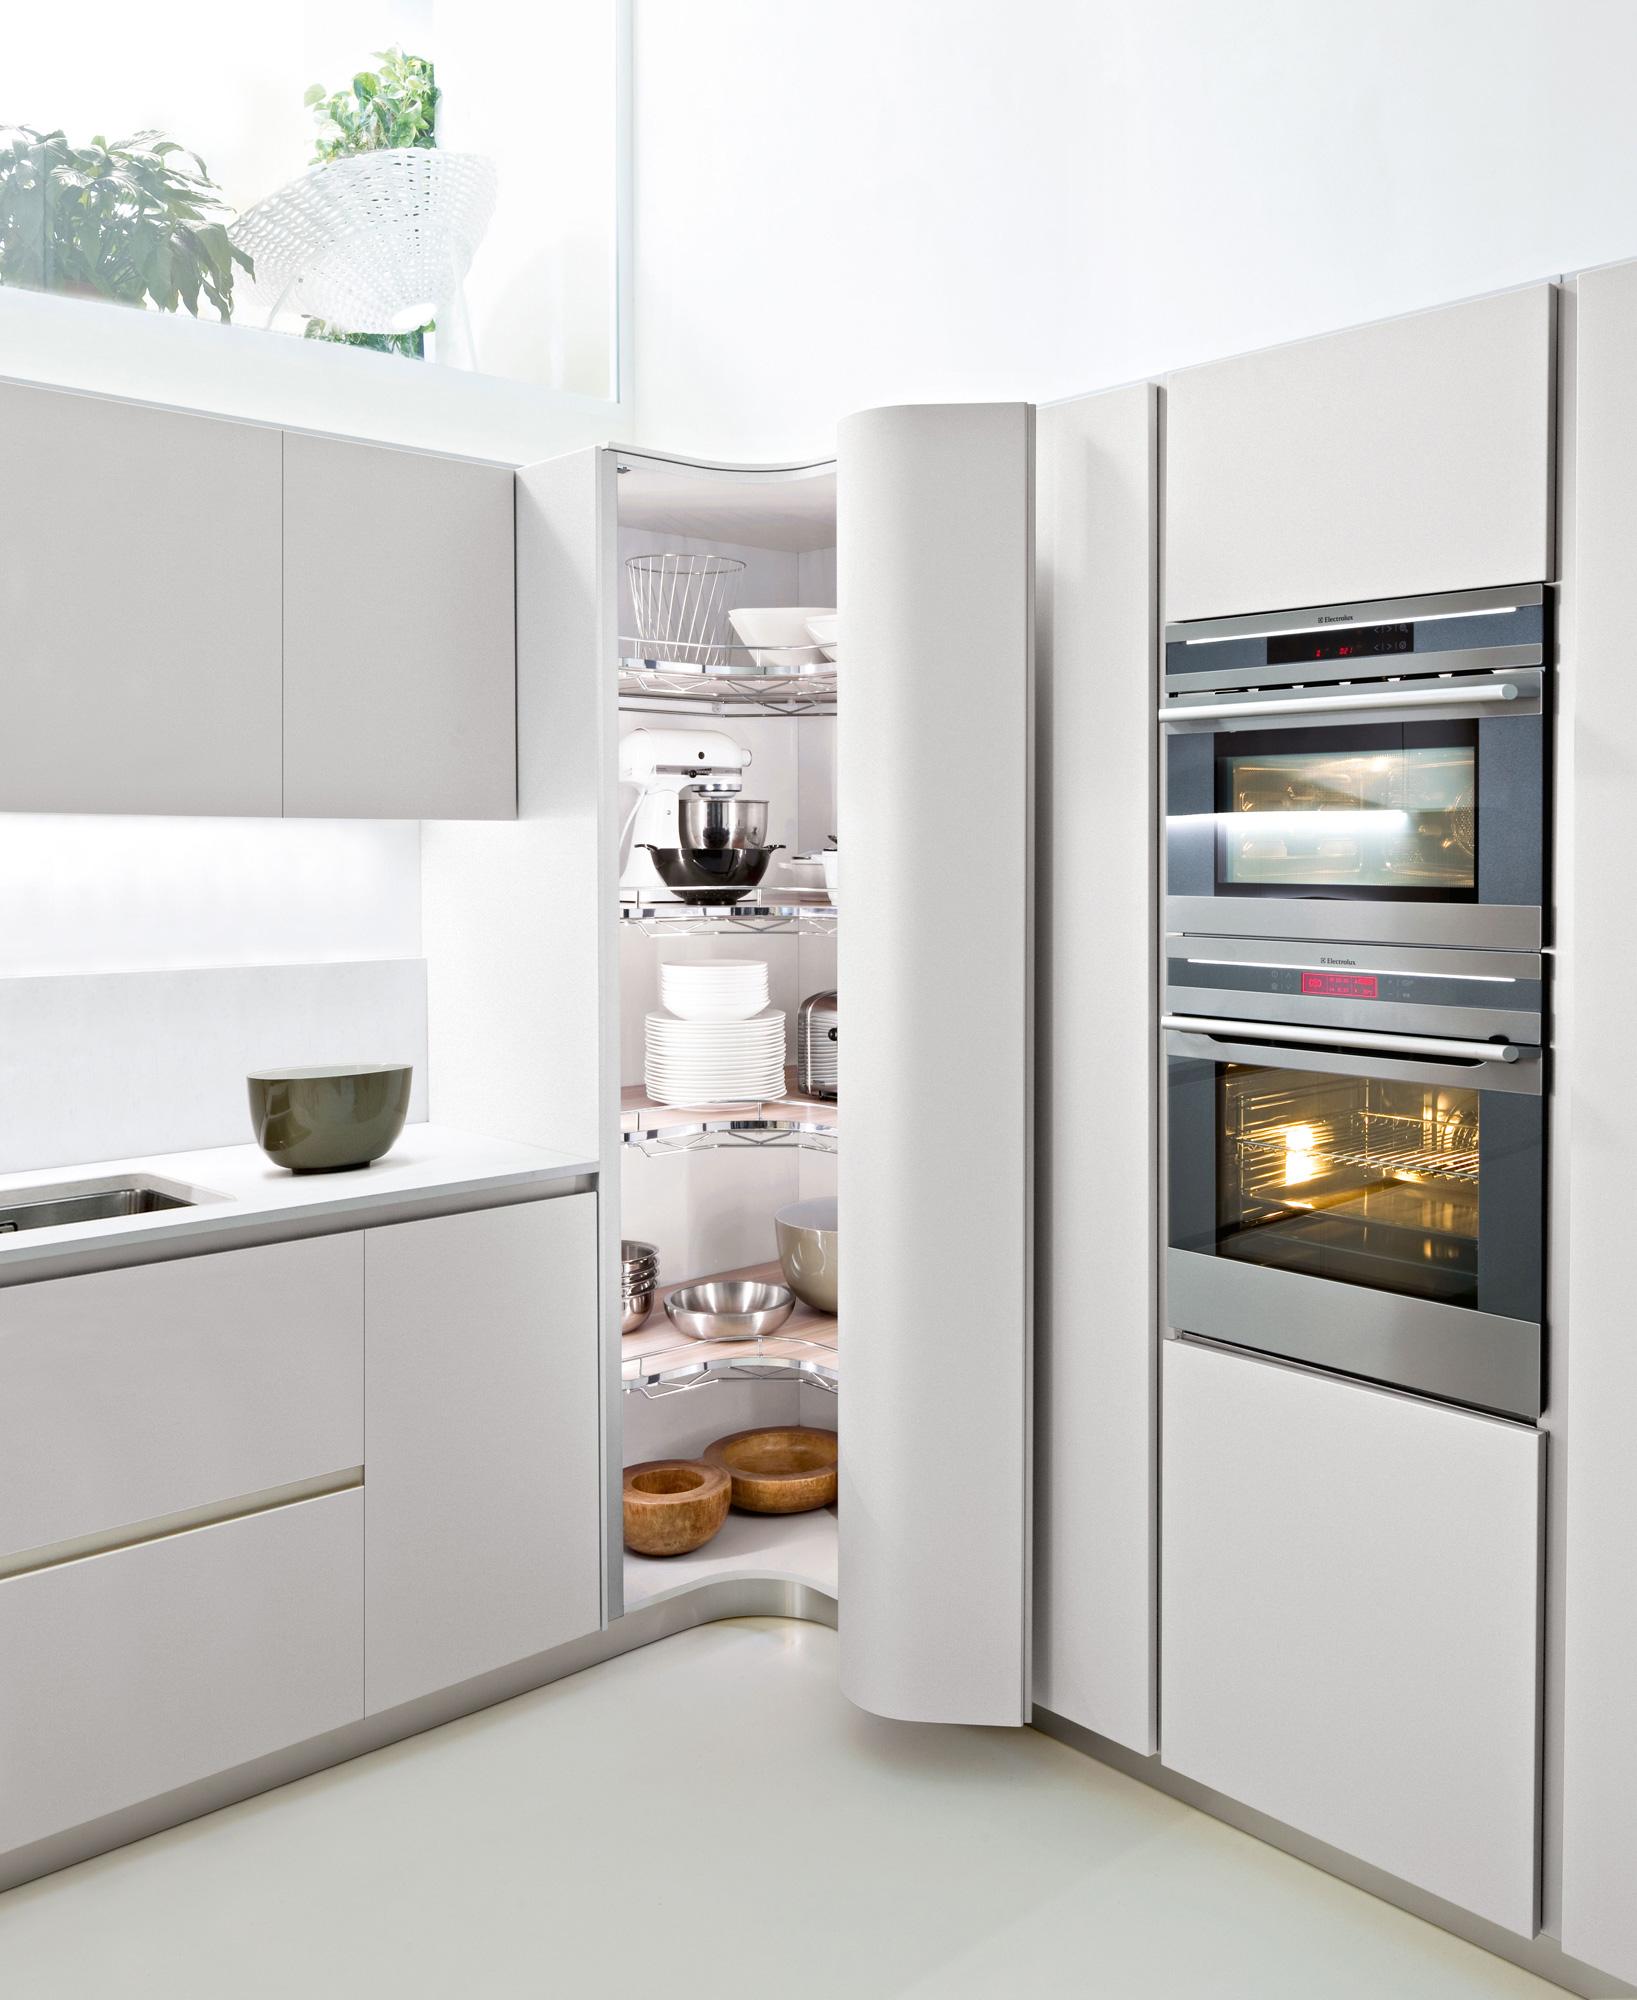 Beautiful Cucine Moderne Con Dispensa Ideas - harrop.us - harrop.us